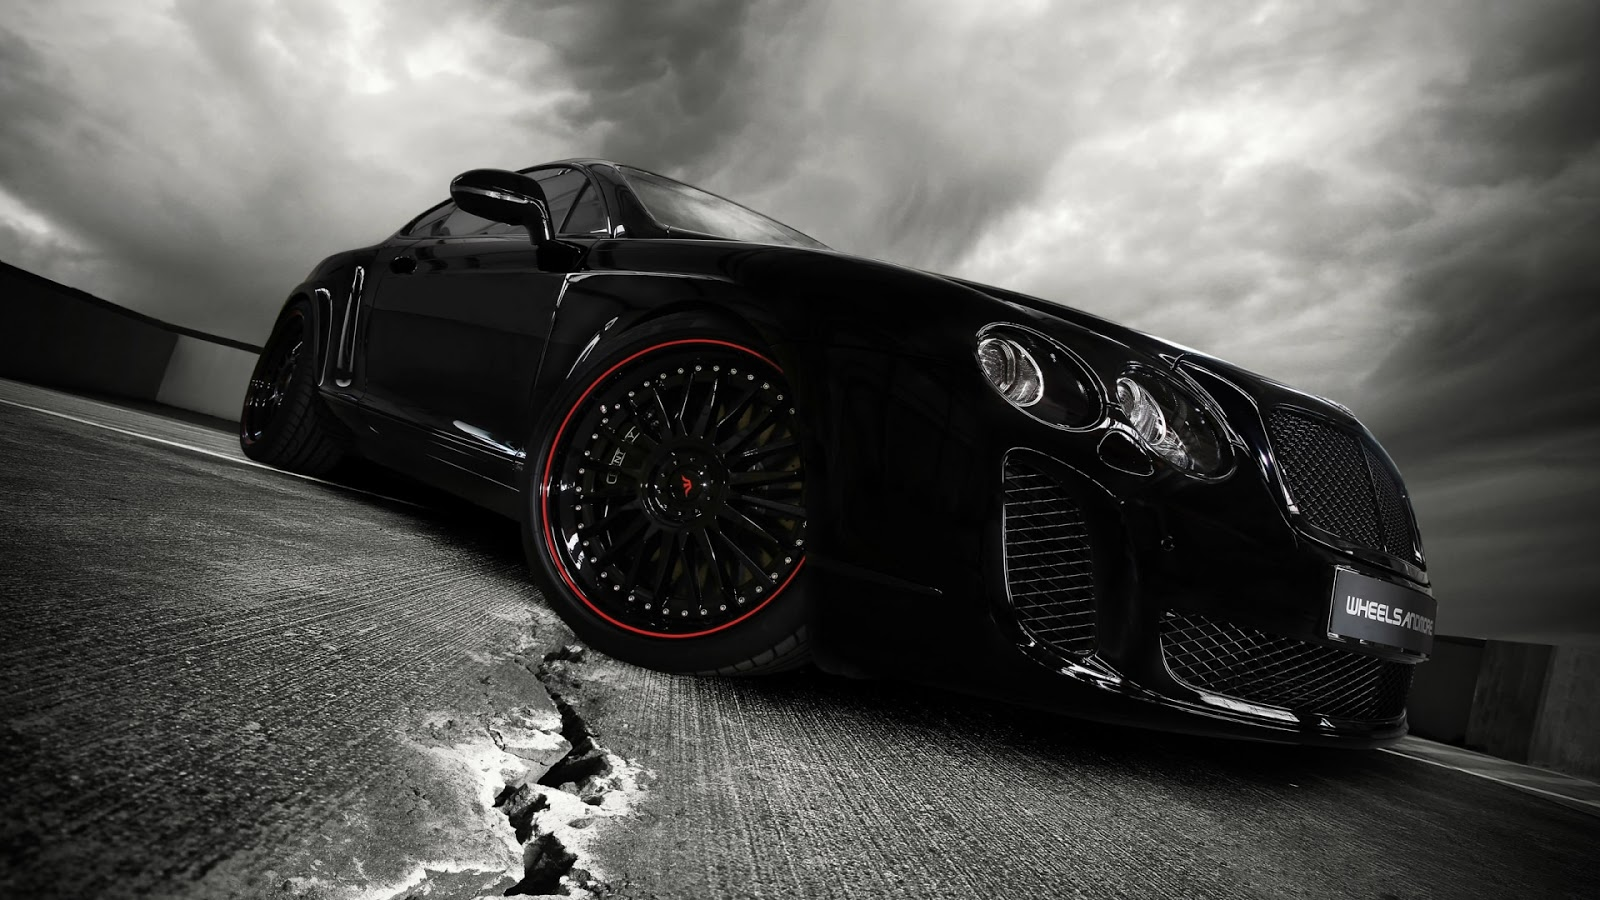 super hd black car wallpaper HD Desktop Wallpapers 1600x900